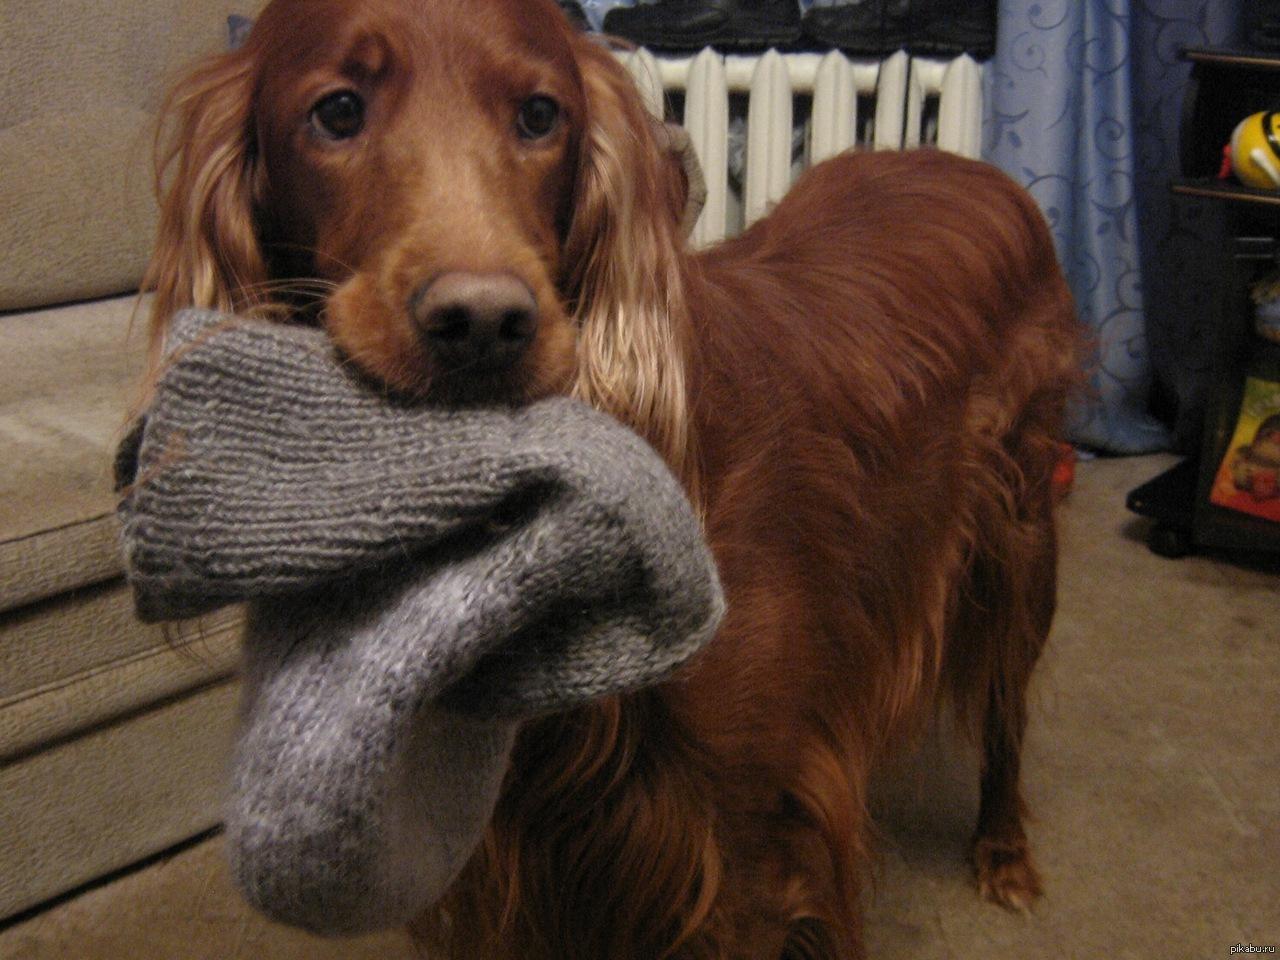 Собака ест вещи,  что делать?